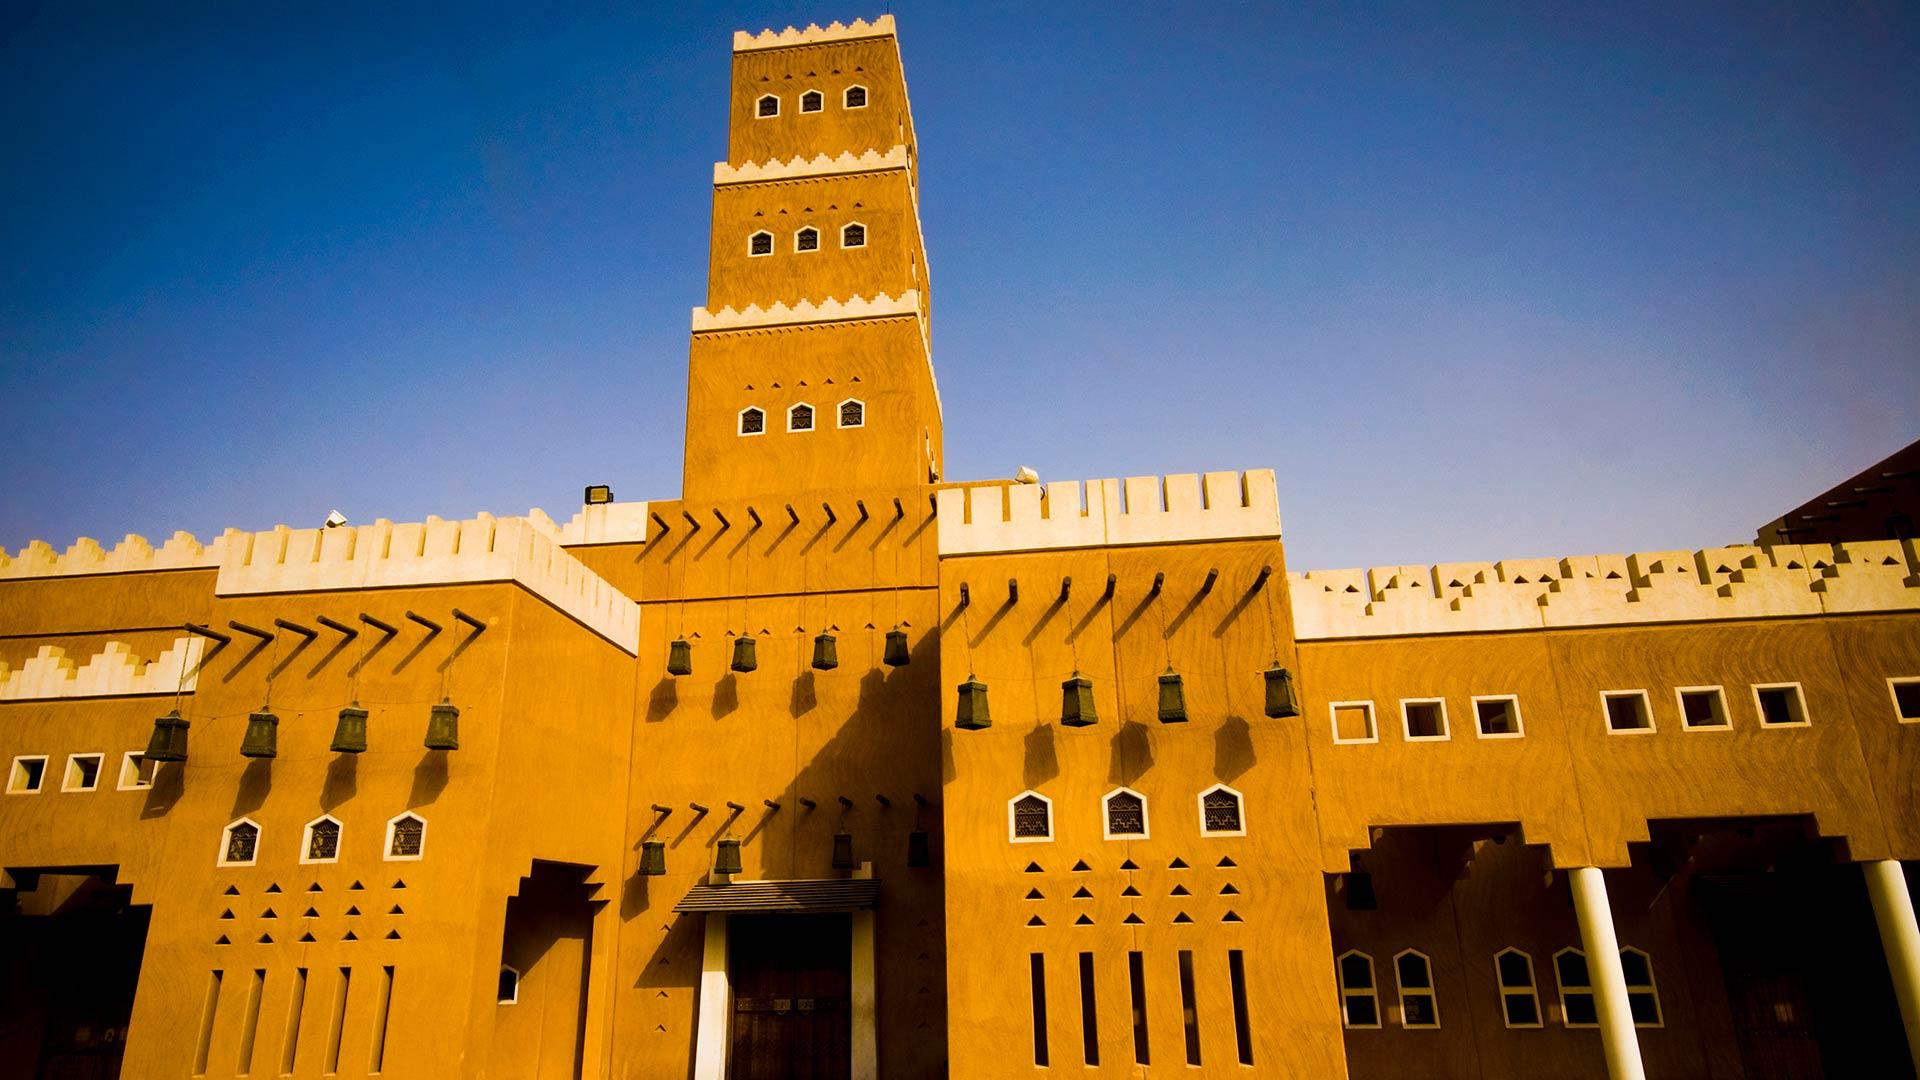 Mosque of Al Diriyah in Riyadh, Saudi Arabia